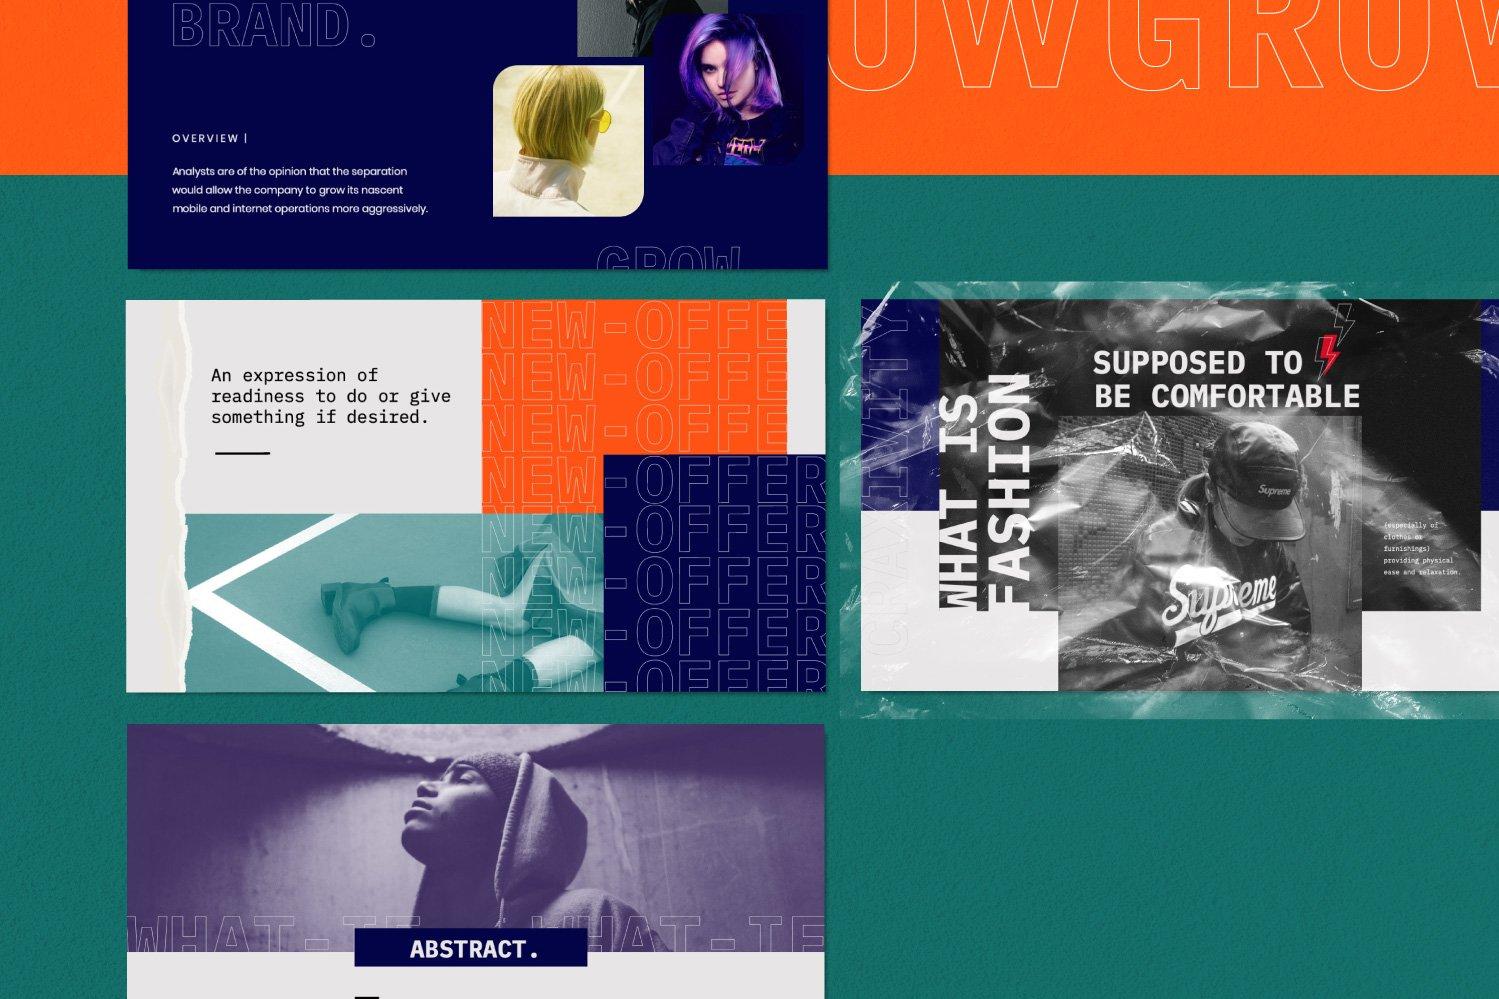 时尚潮流商业策划书幻灯片设计模板 CRAXITVIY – Powerpoint插图(9)